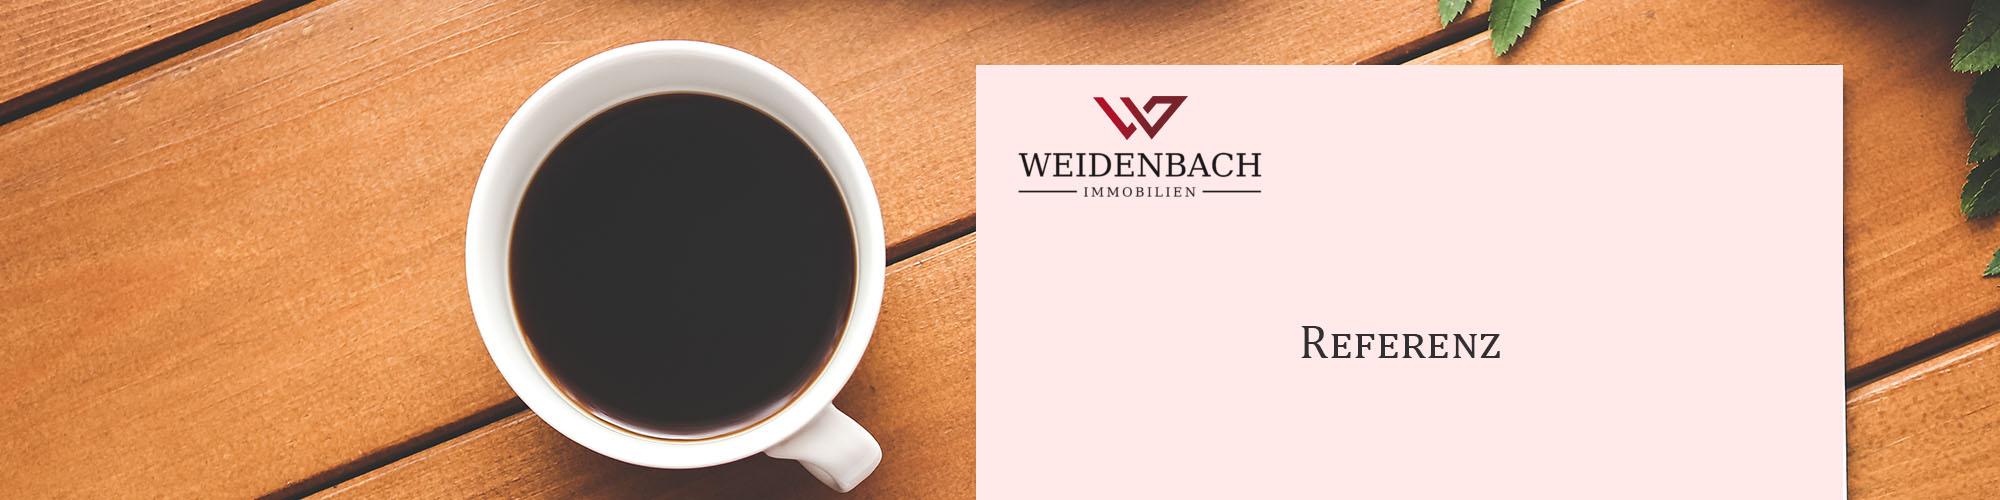 Unsere Referenzen von Weidenbach Immobilien